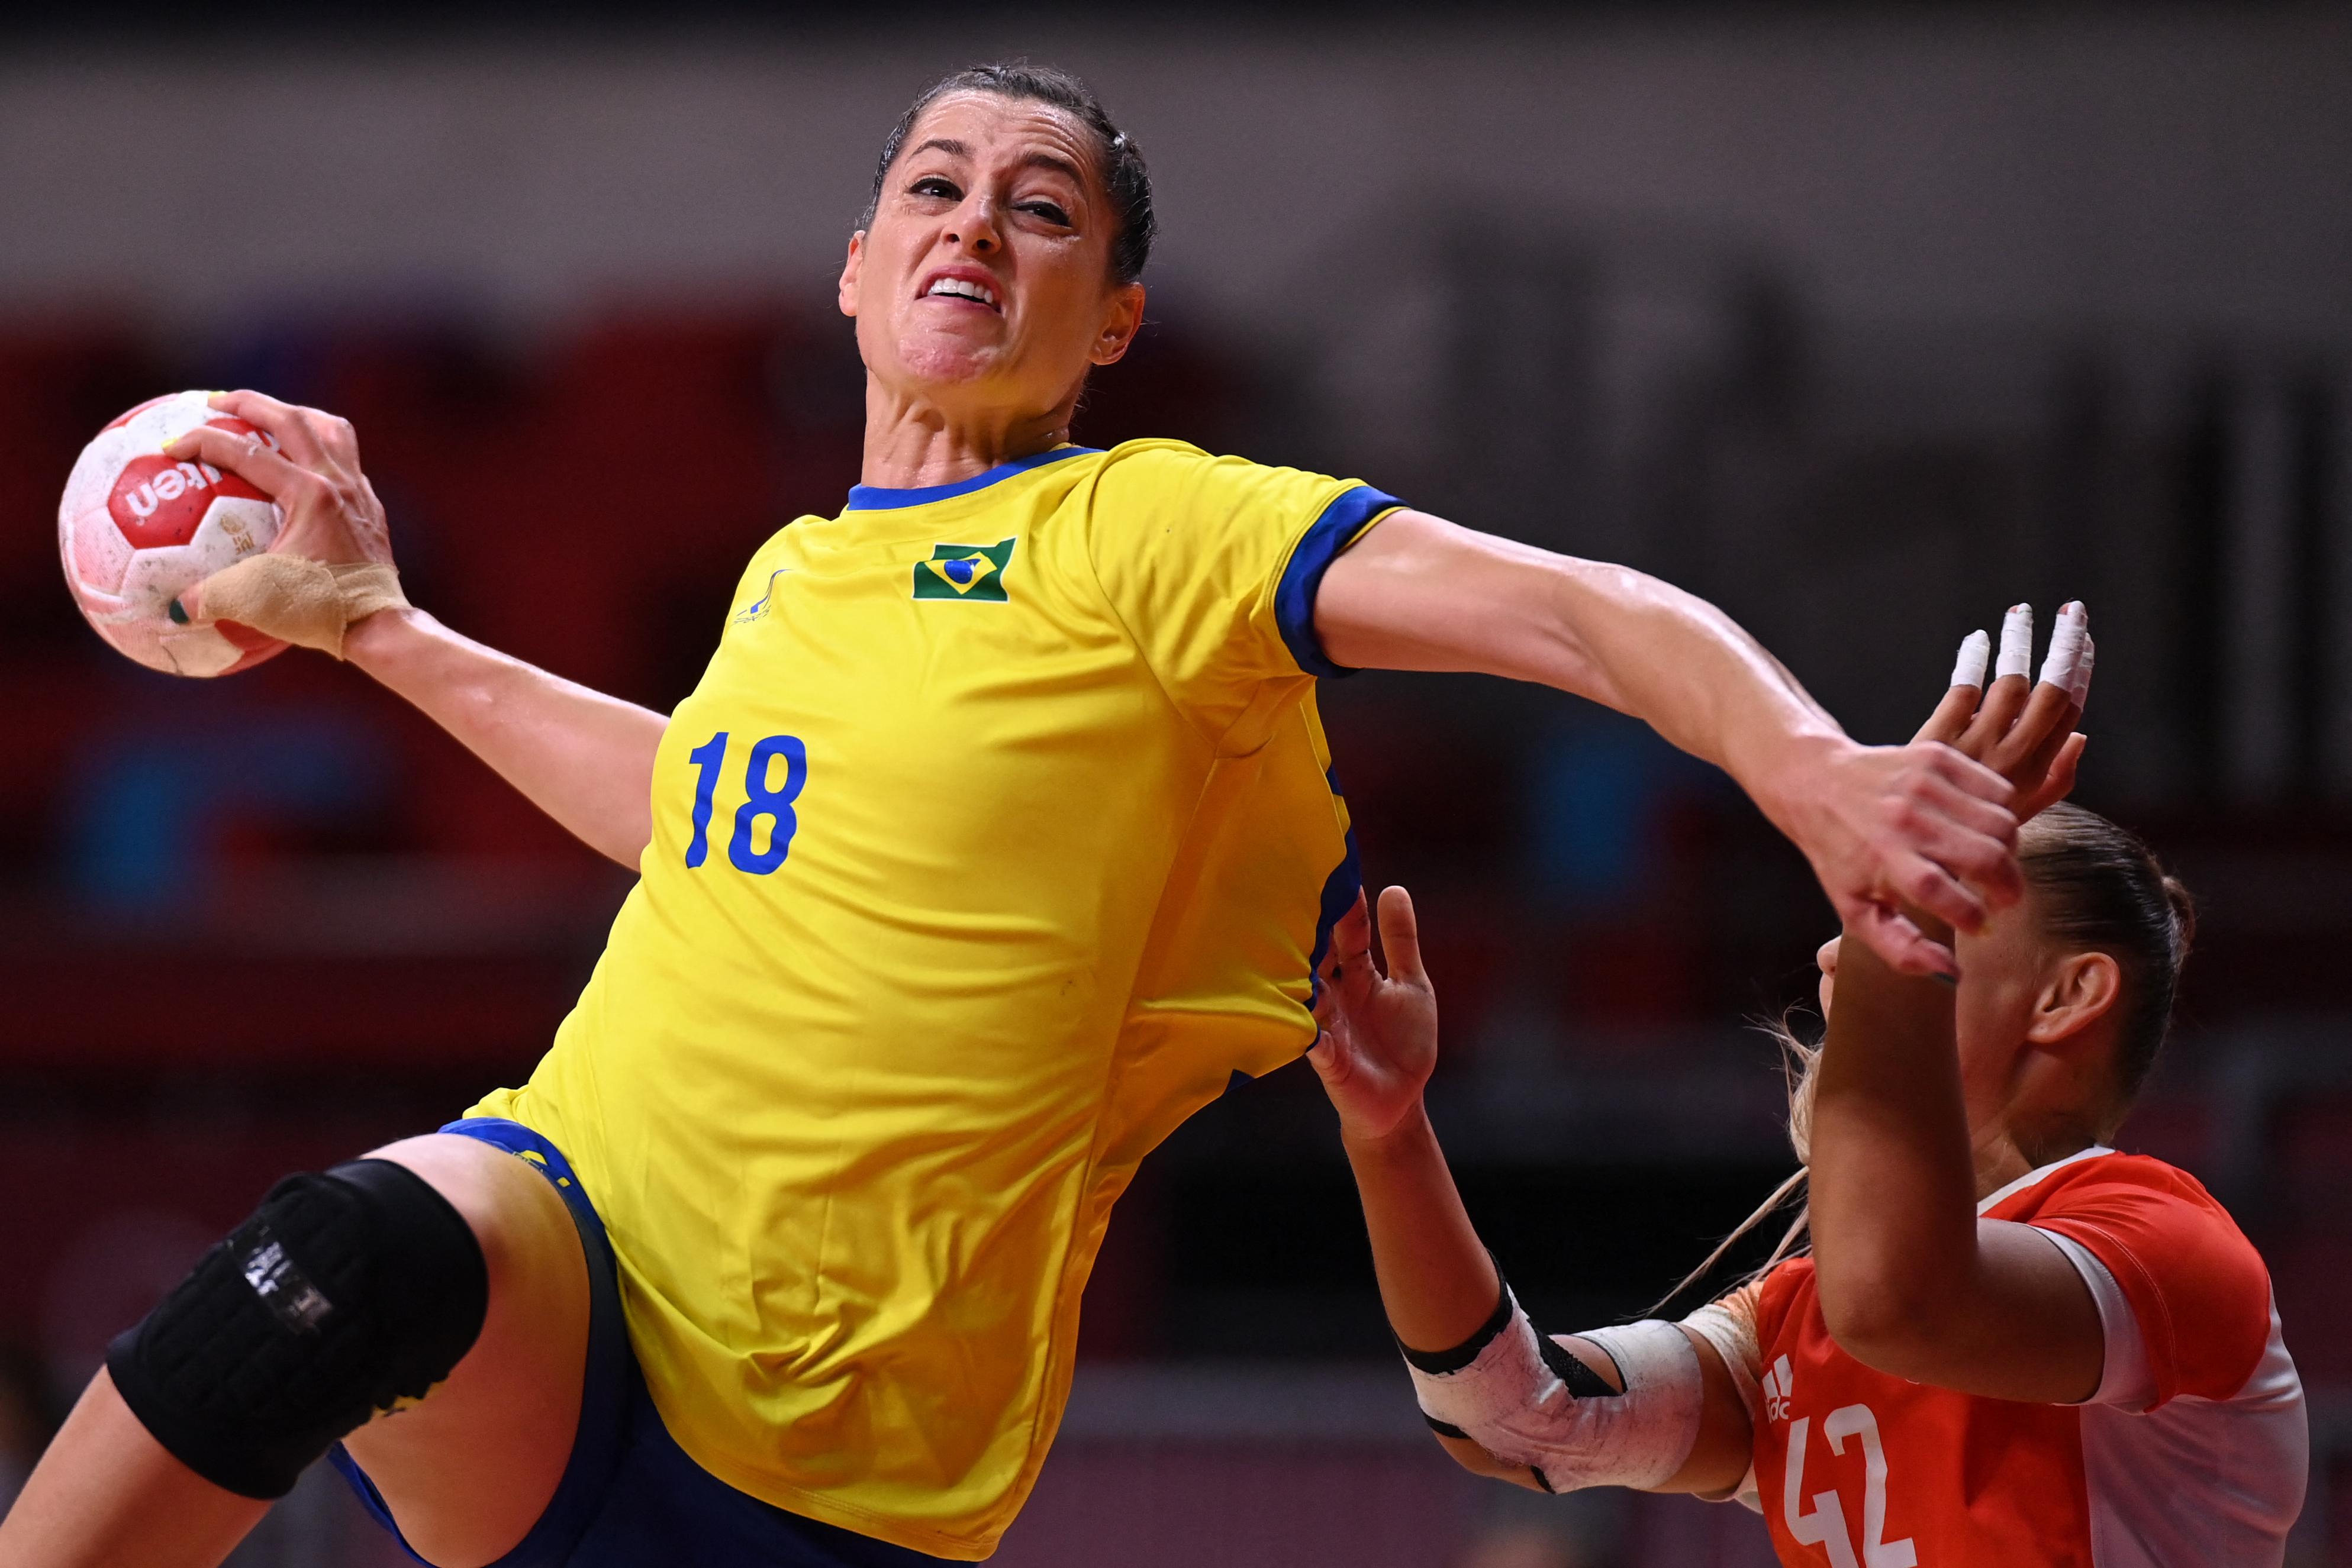 Eduarda Amorim nagy bejenetést tett a pályafutásával kapcsolatban